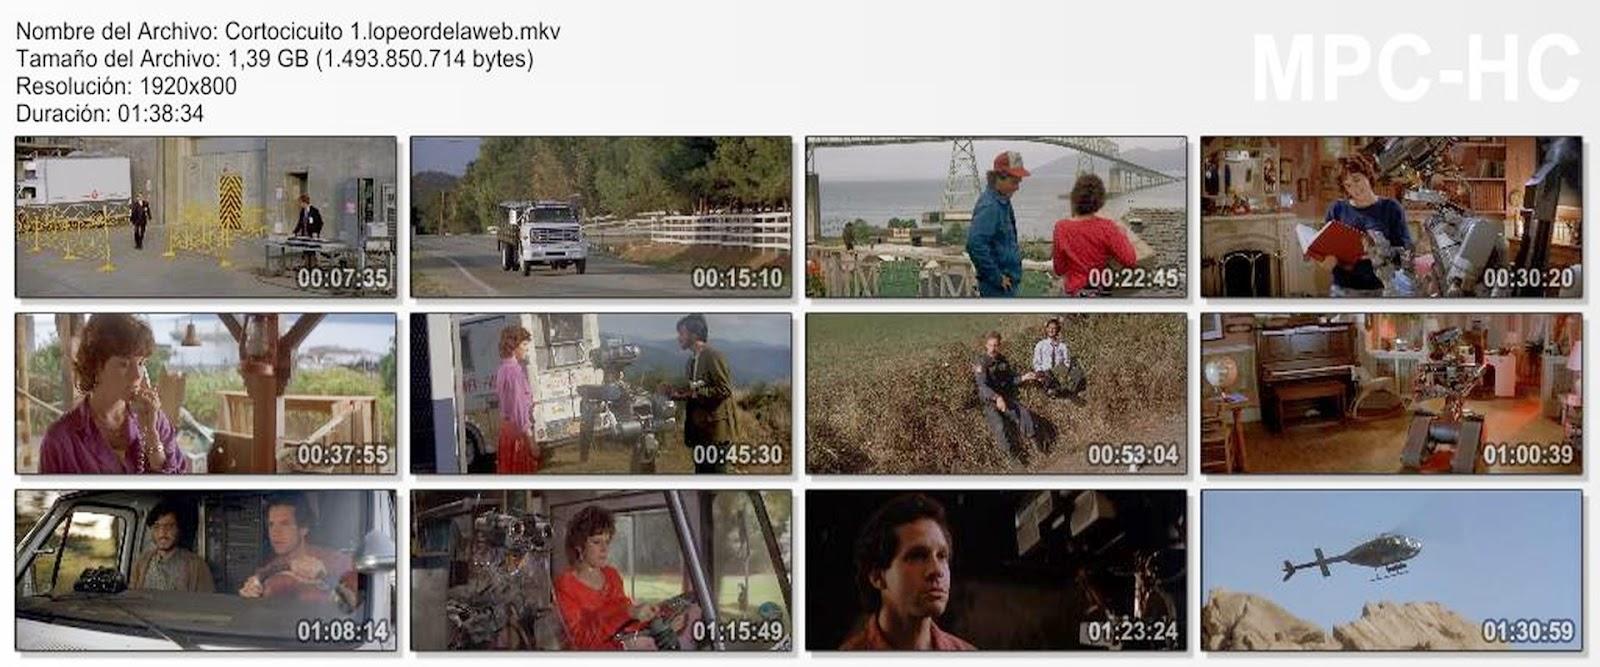 Cortocircuito (1986) 1080p Latino/Ingles